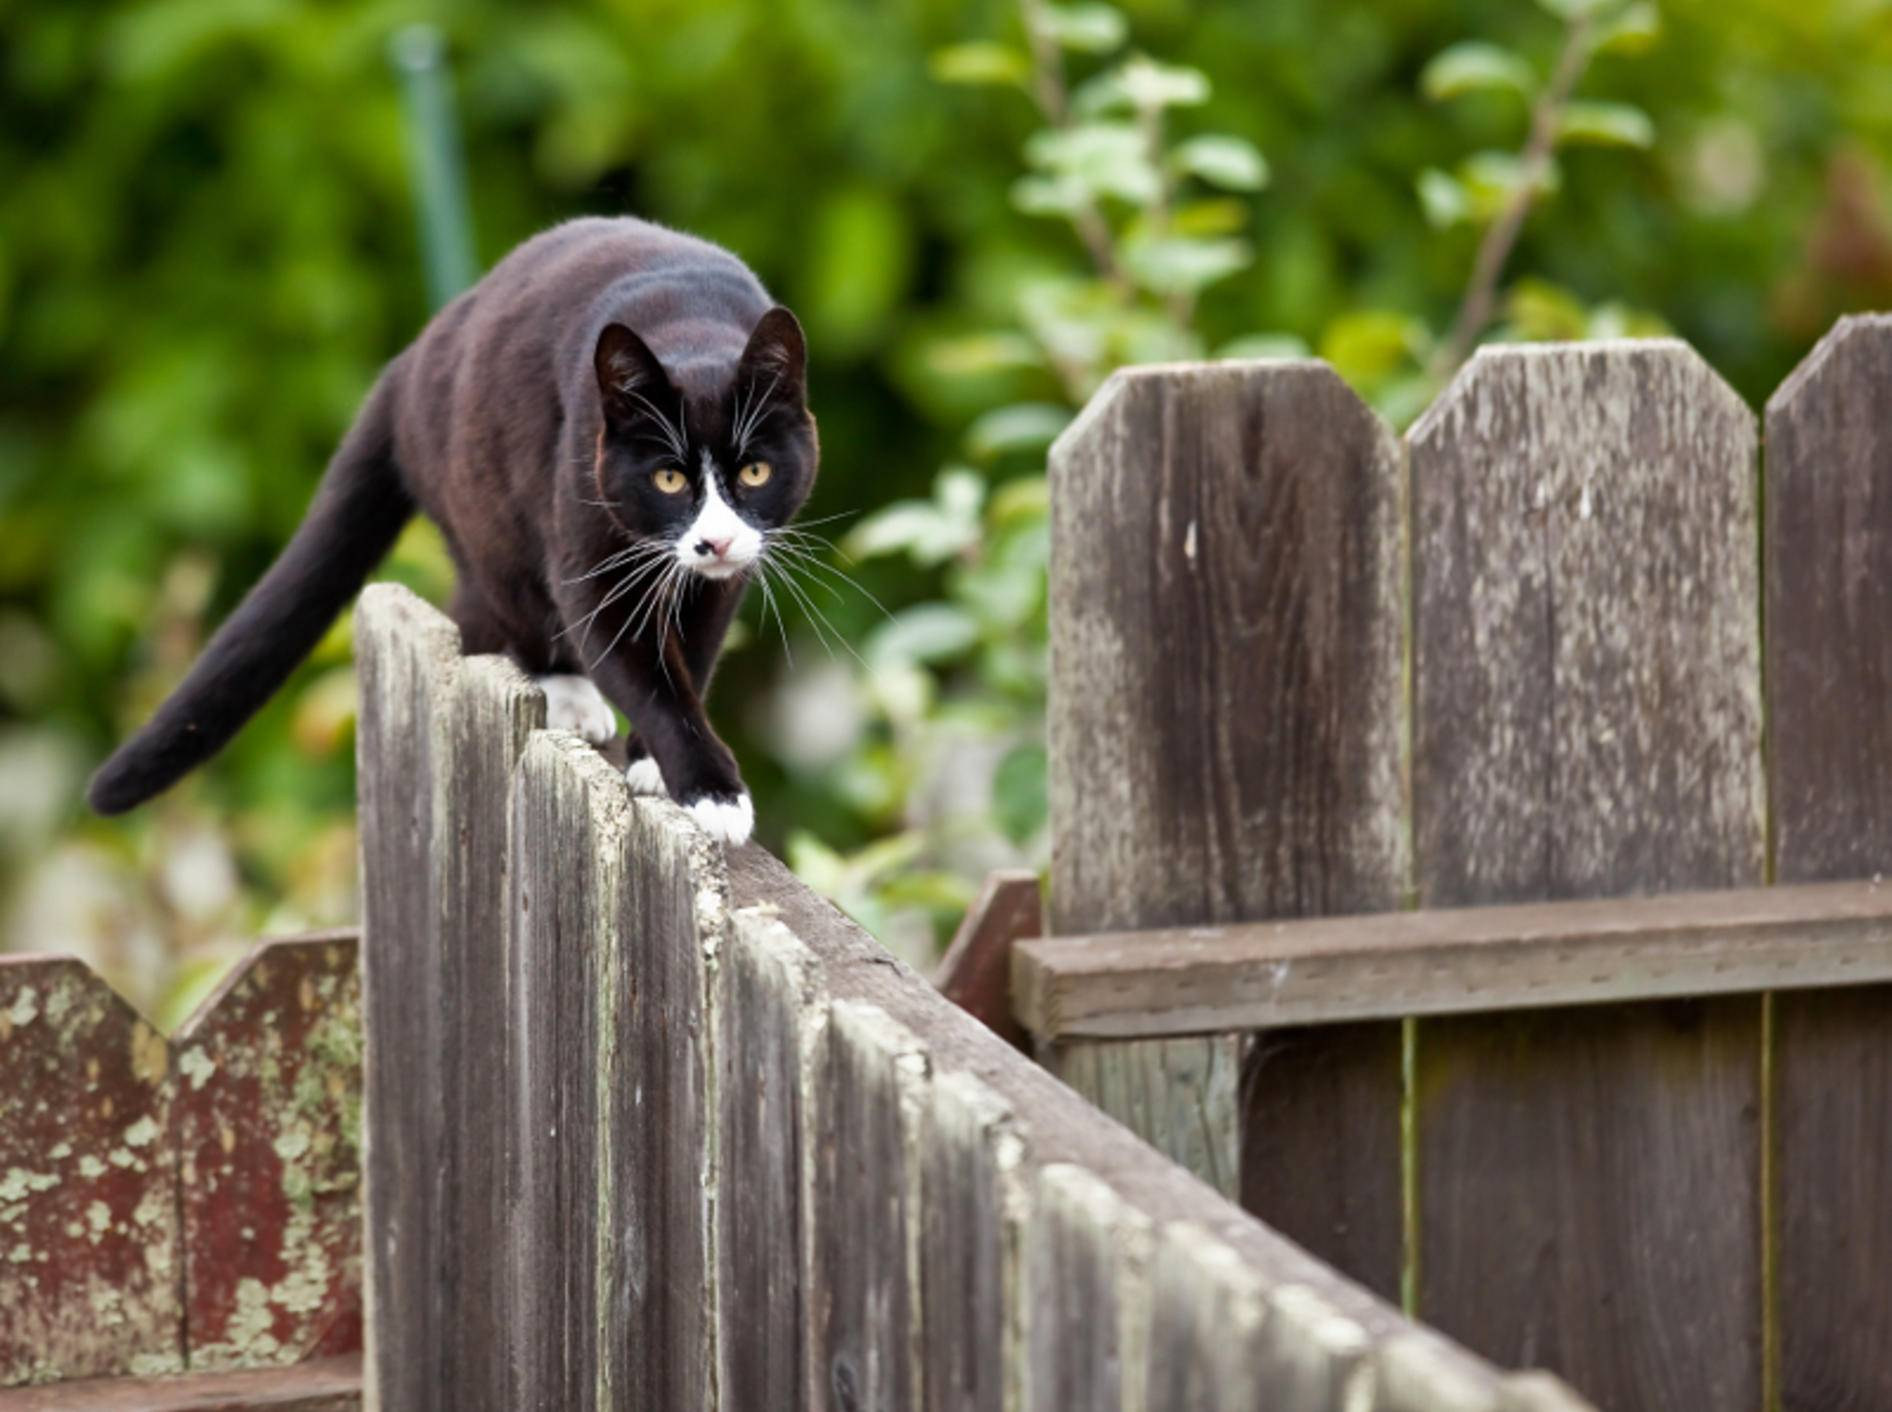 Freigänger bleiben nur selten innerhalb des eigenen Gartenzauns – Shutterstock / Anatoliy Lukich